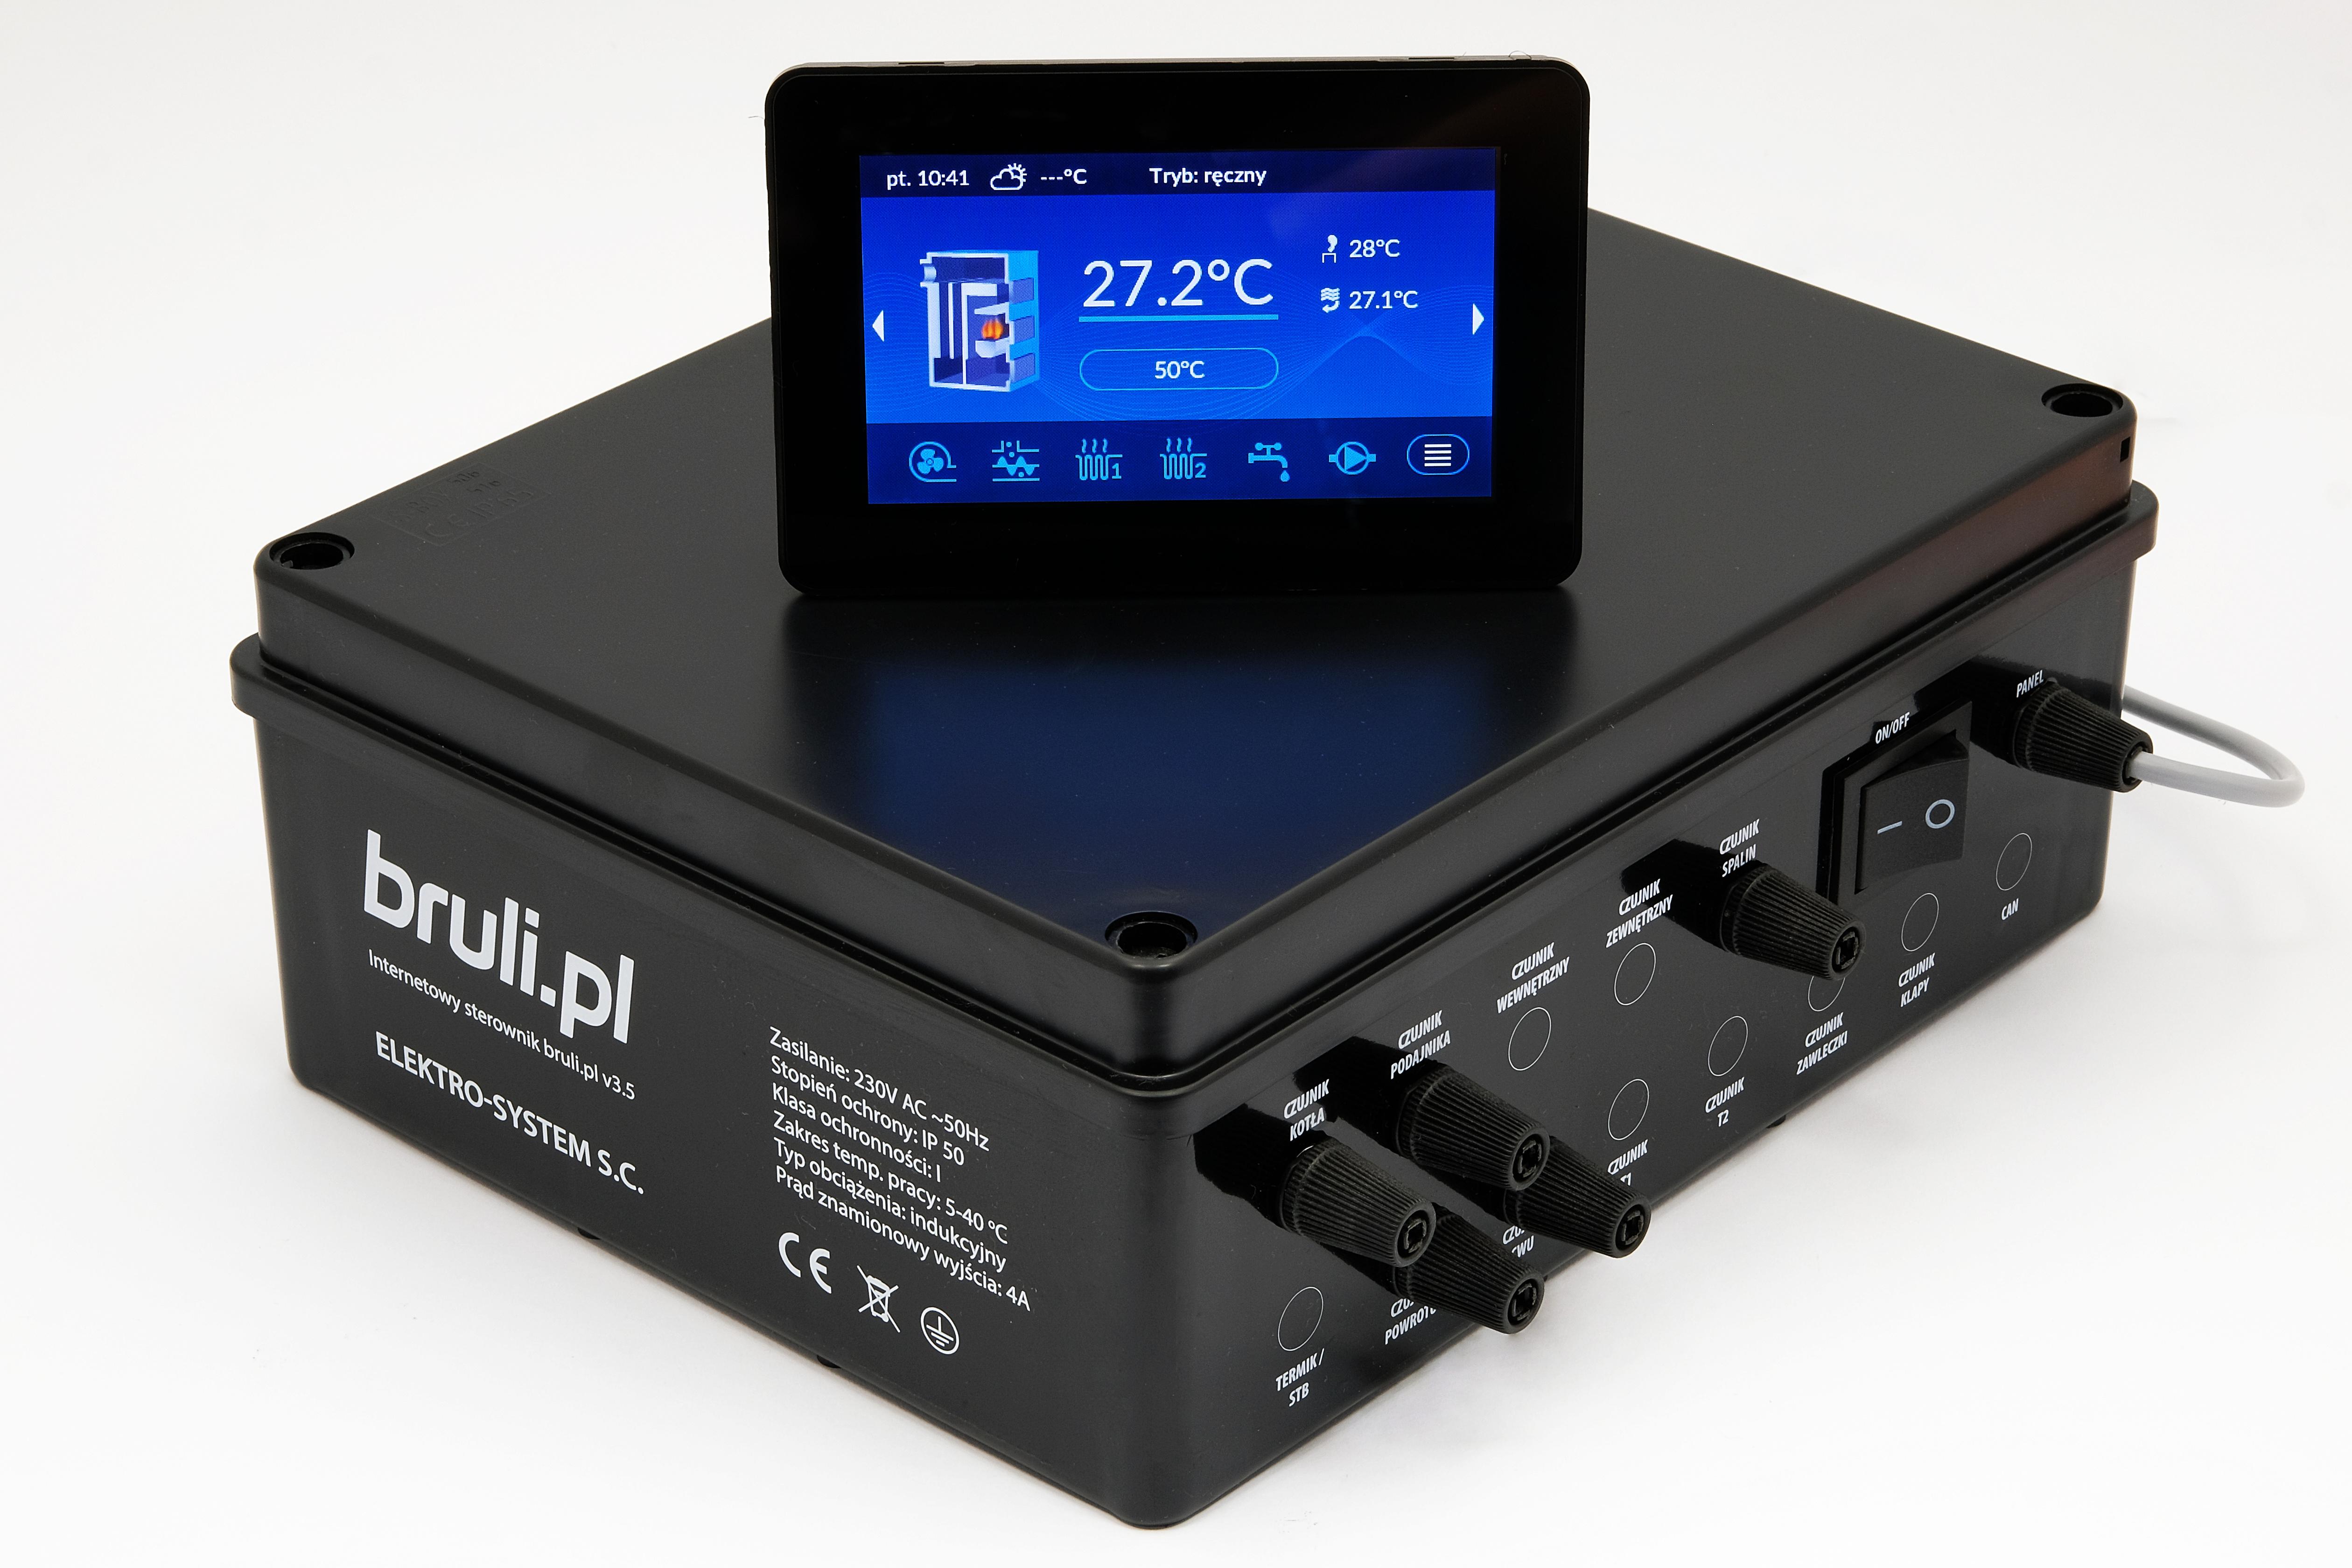 Zdjęcie główne produktu Sterownik Bruli.pl v3.5 LCD CD2